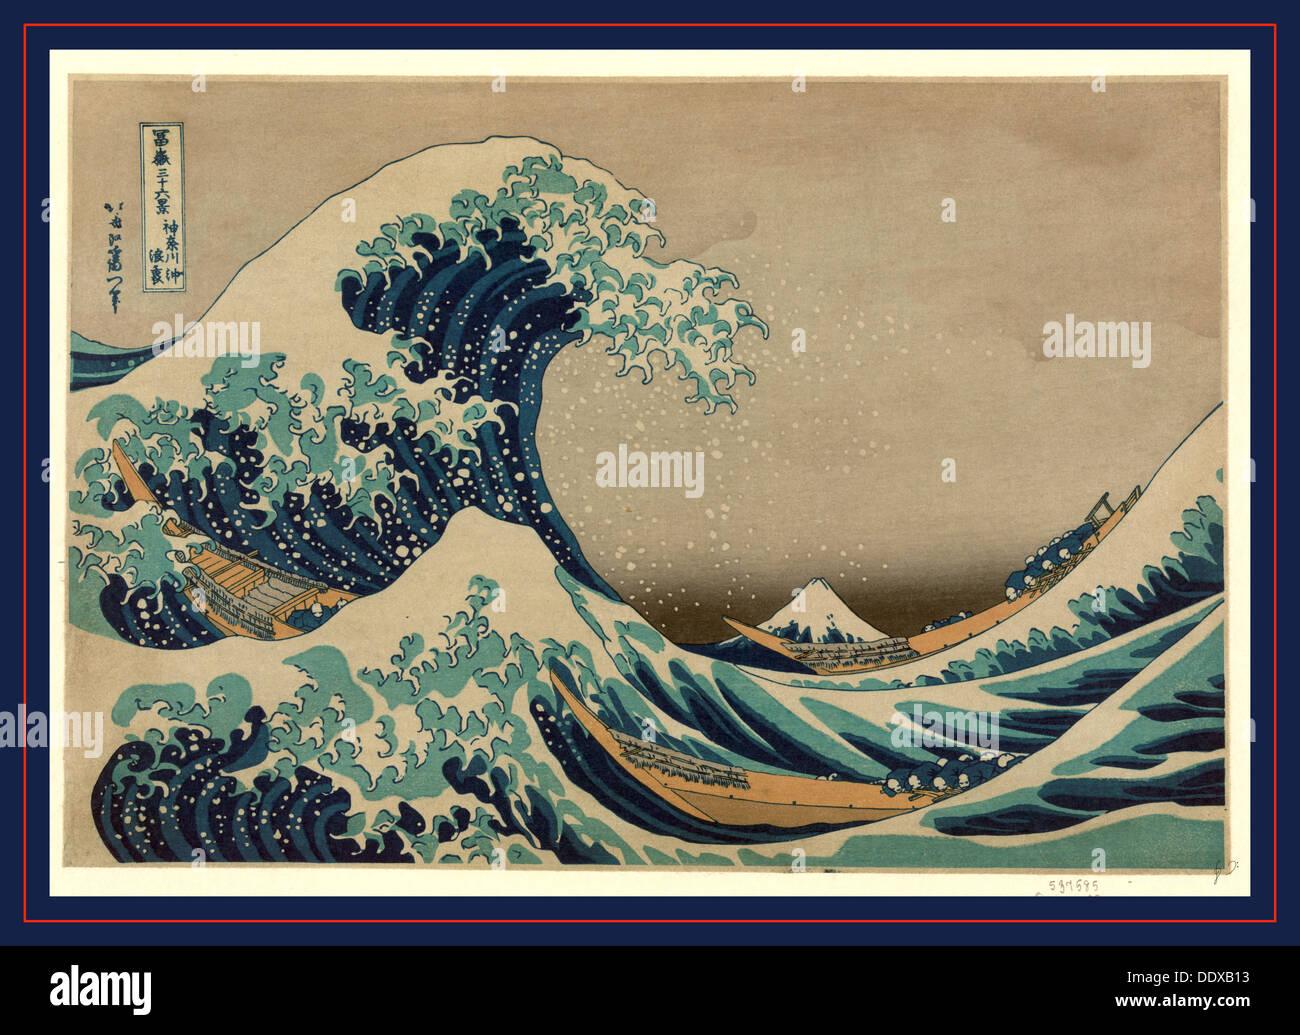 Kanagawa oki nami ura, la grande onda al largo di Kanagawa. [Tra 1826 e 1833, stampato in seguito], 1 stampa : xilografia, colore Immagini Stock